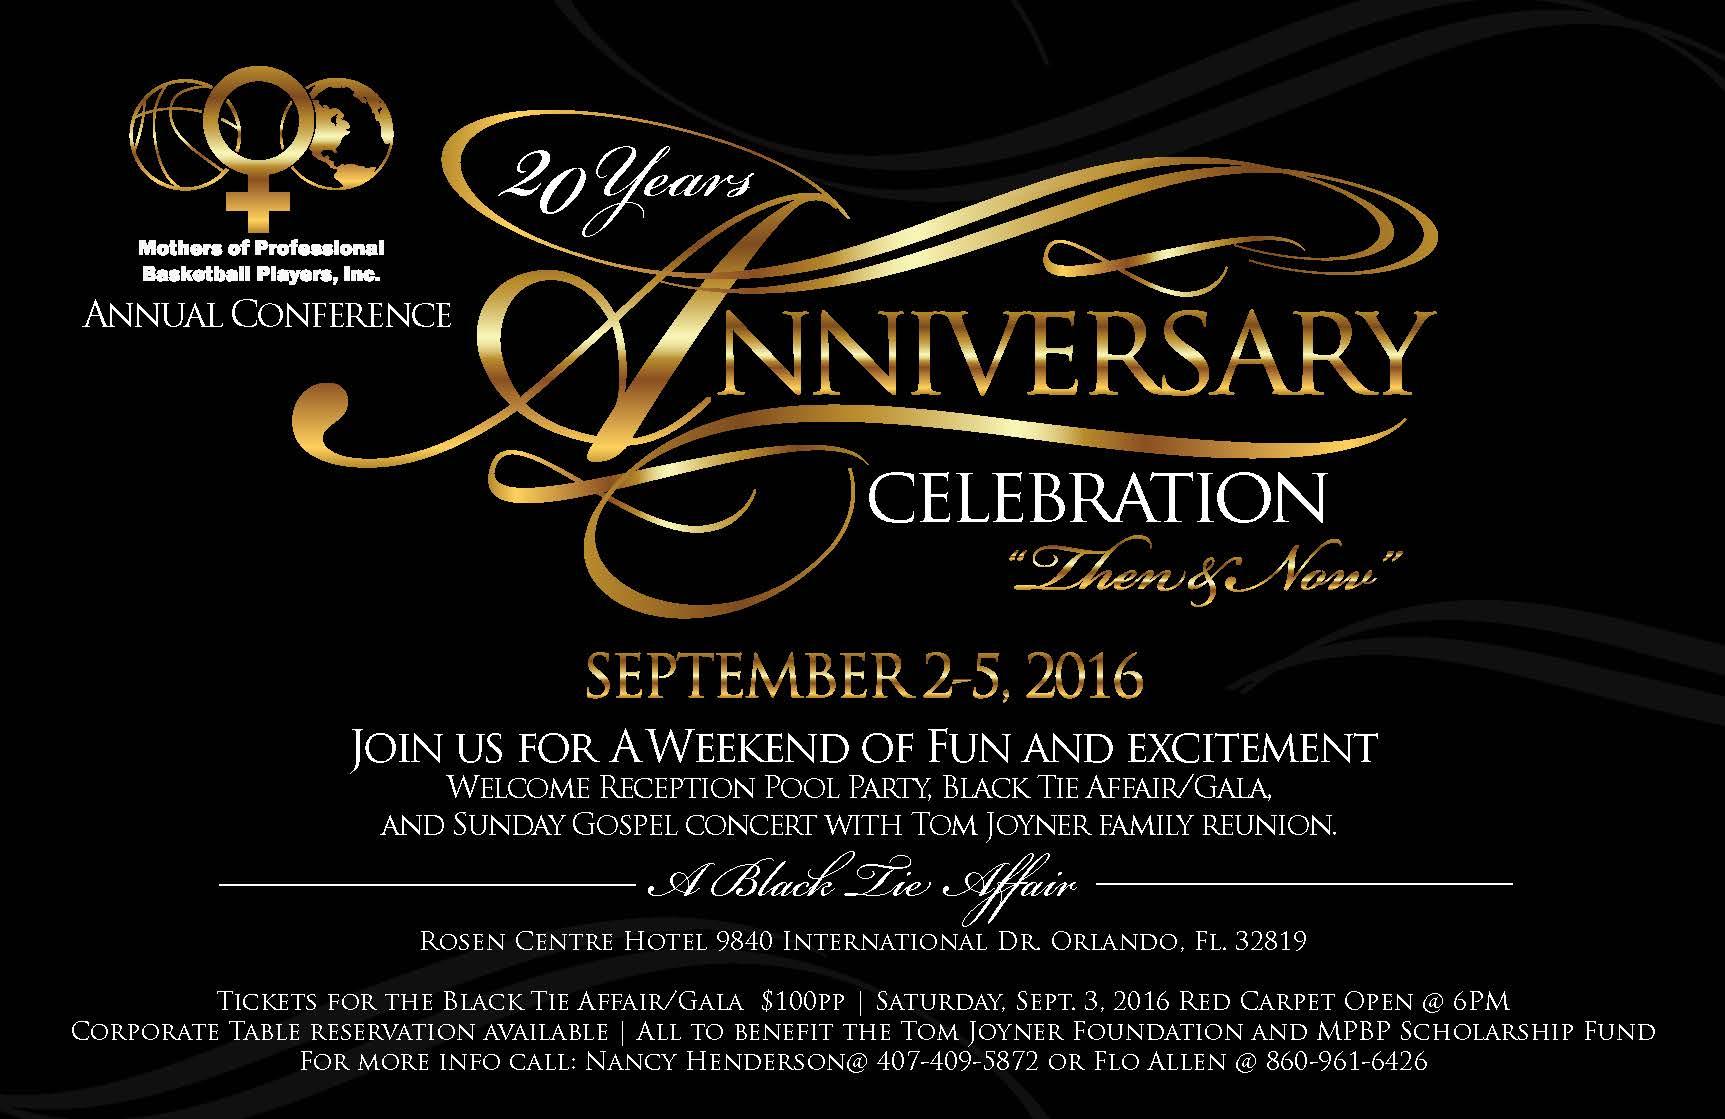 black tie event flyer